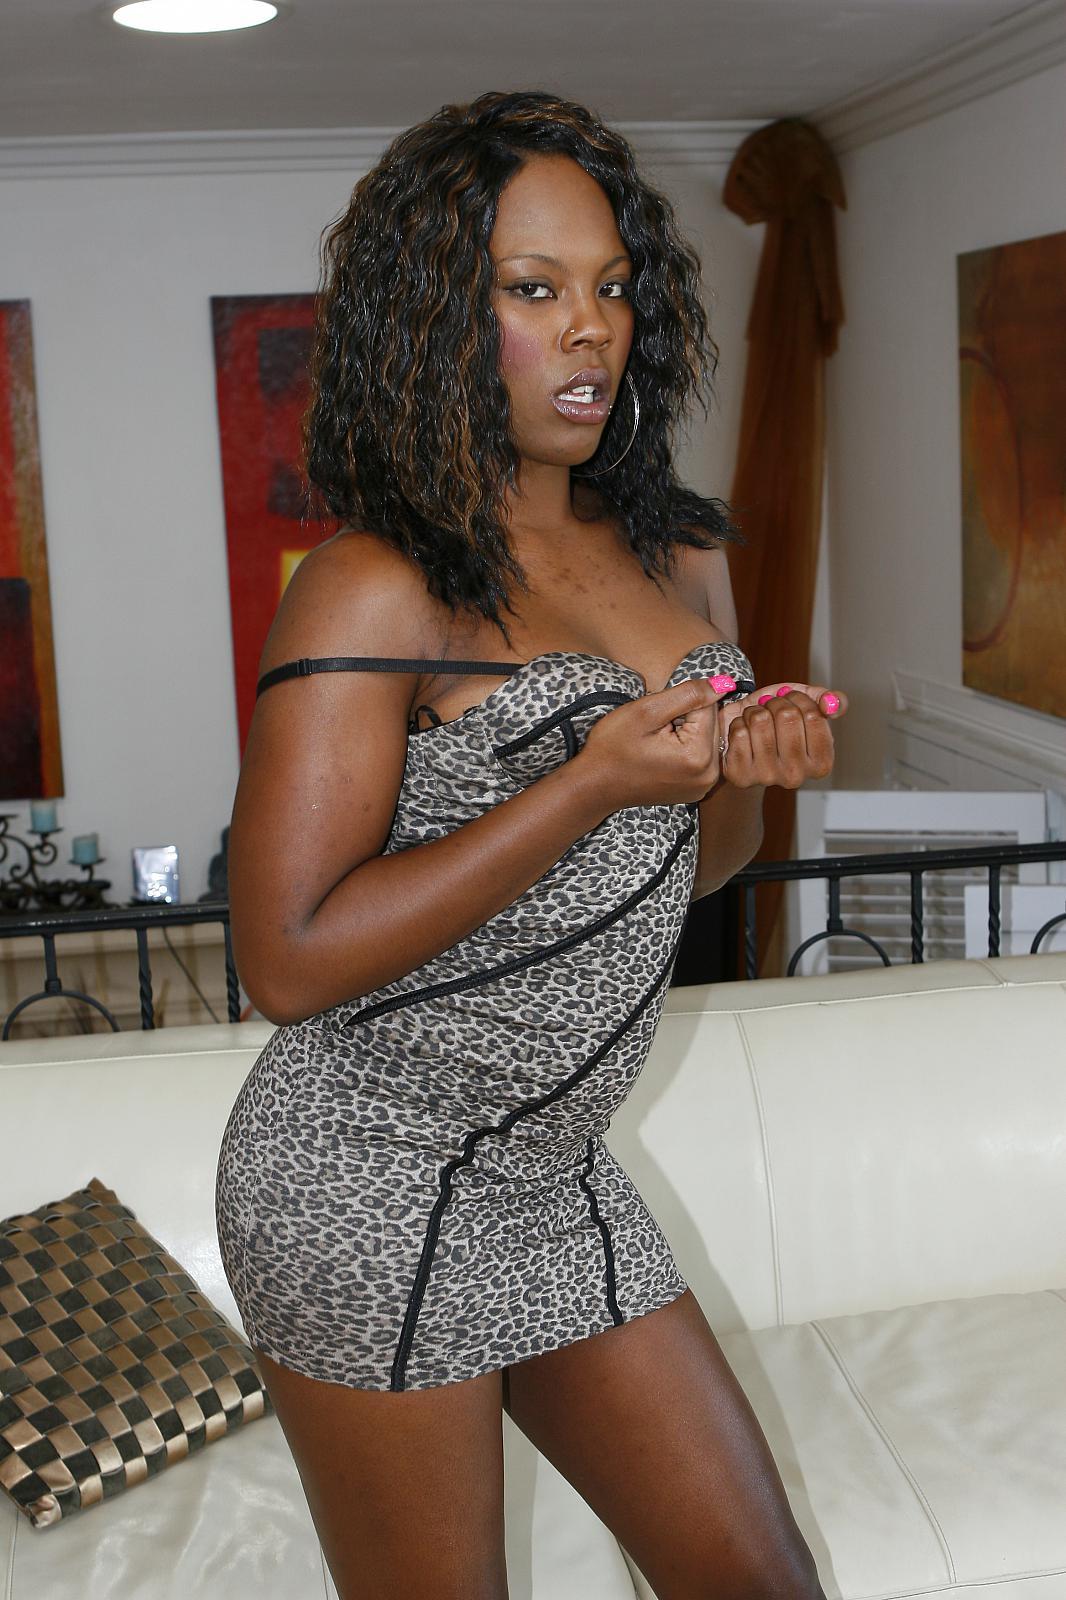 Actriz Porno Ebony Con Rastas combat zone xxx natalie evans & coffee brown ebony sisters